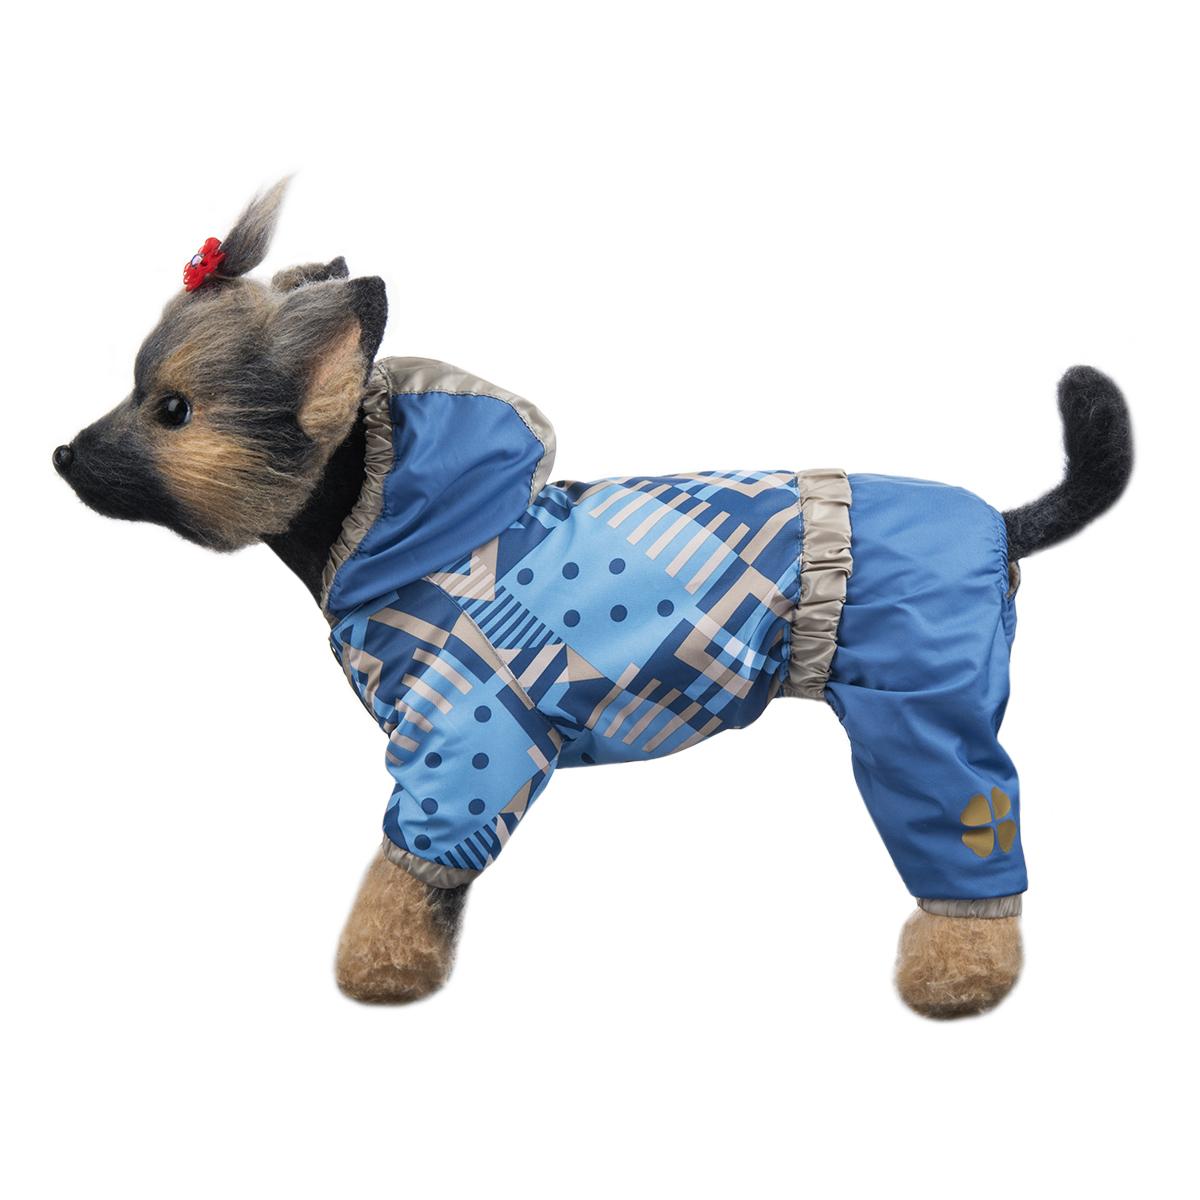 """Комбинезон для собак Dogmoda """"Прогулочный"""", унисекс, цвет: голубой, серый. Размер 4 (XL)"""